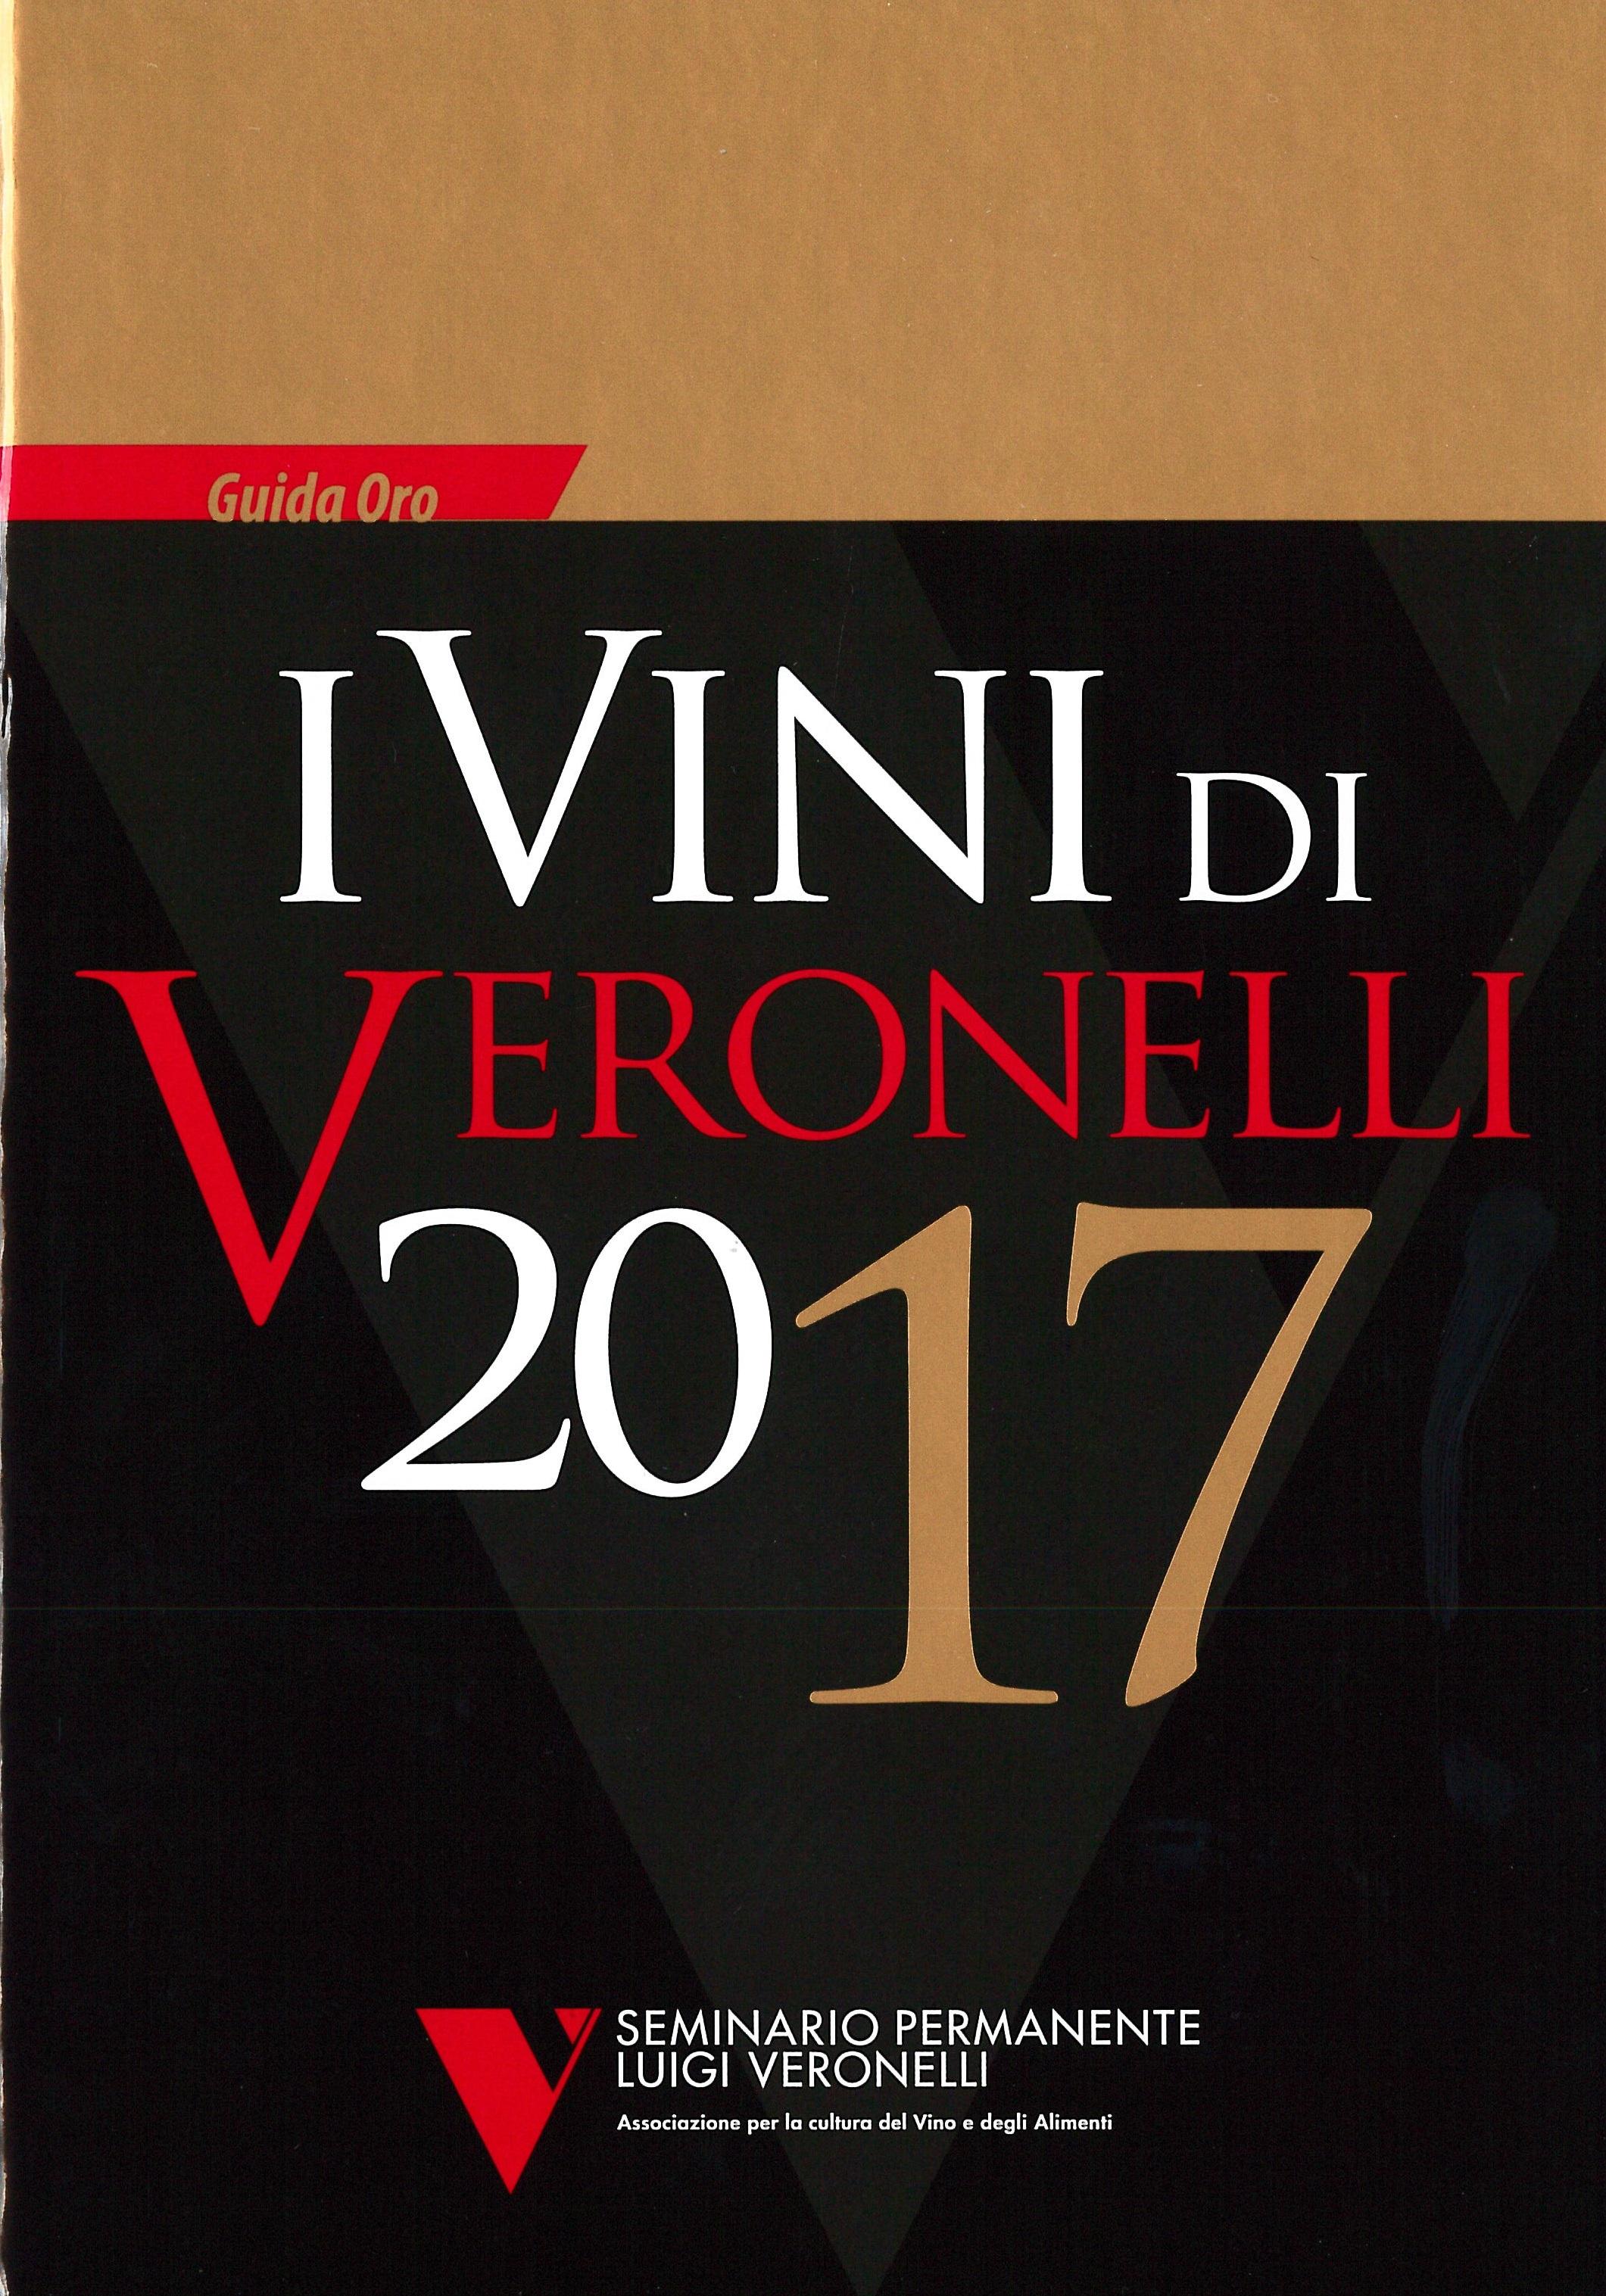 Seminario Permanente Luigi Veronelli_I Vini di Veronelli_2017_Cover.jpg